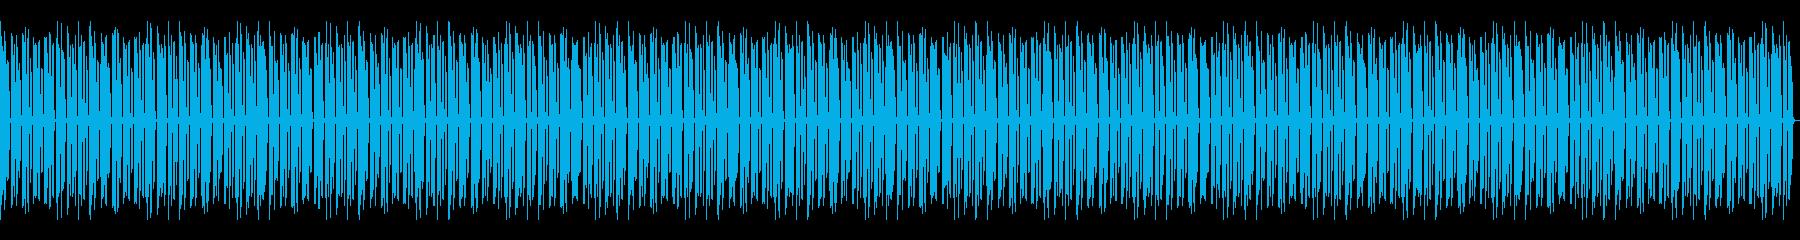 知育・おもちゃ・パズル・日常ピアノ56Lの再生済みの波形